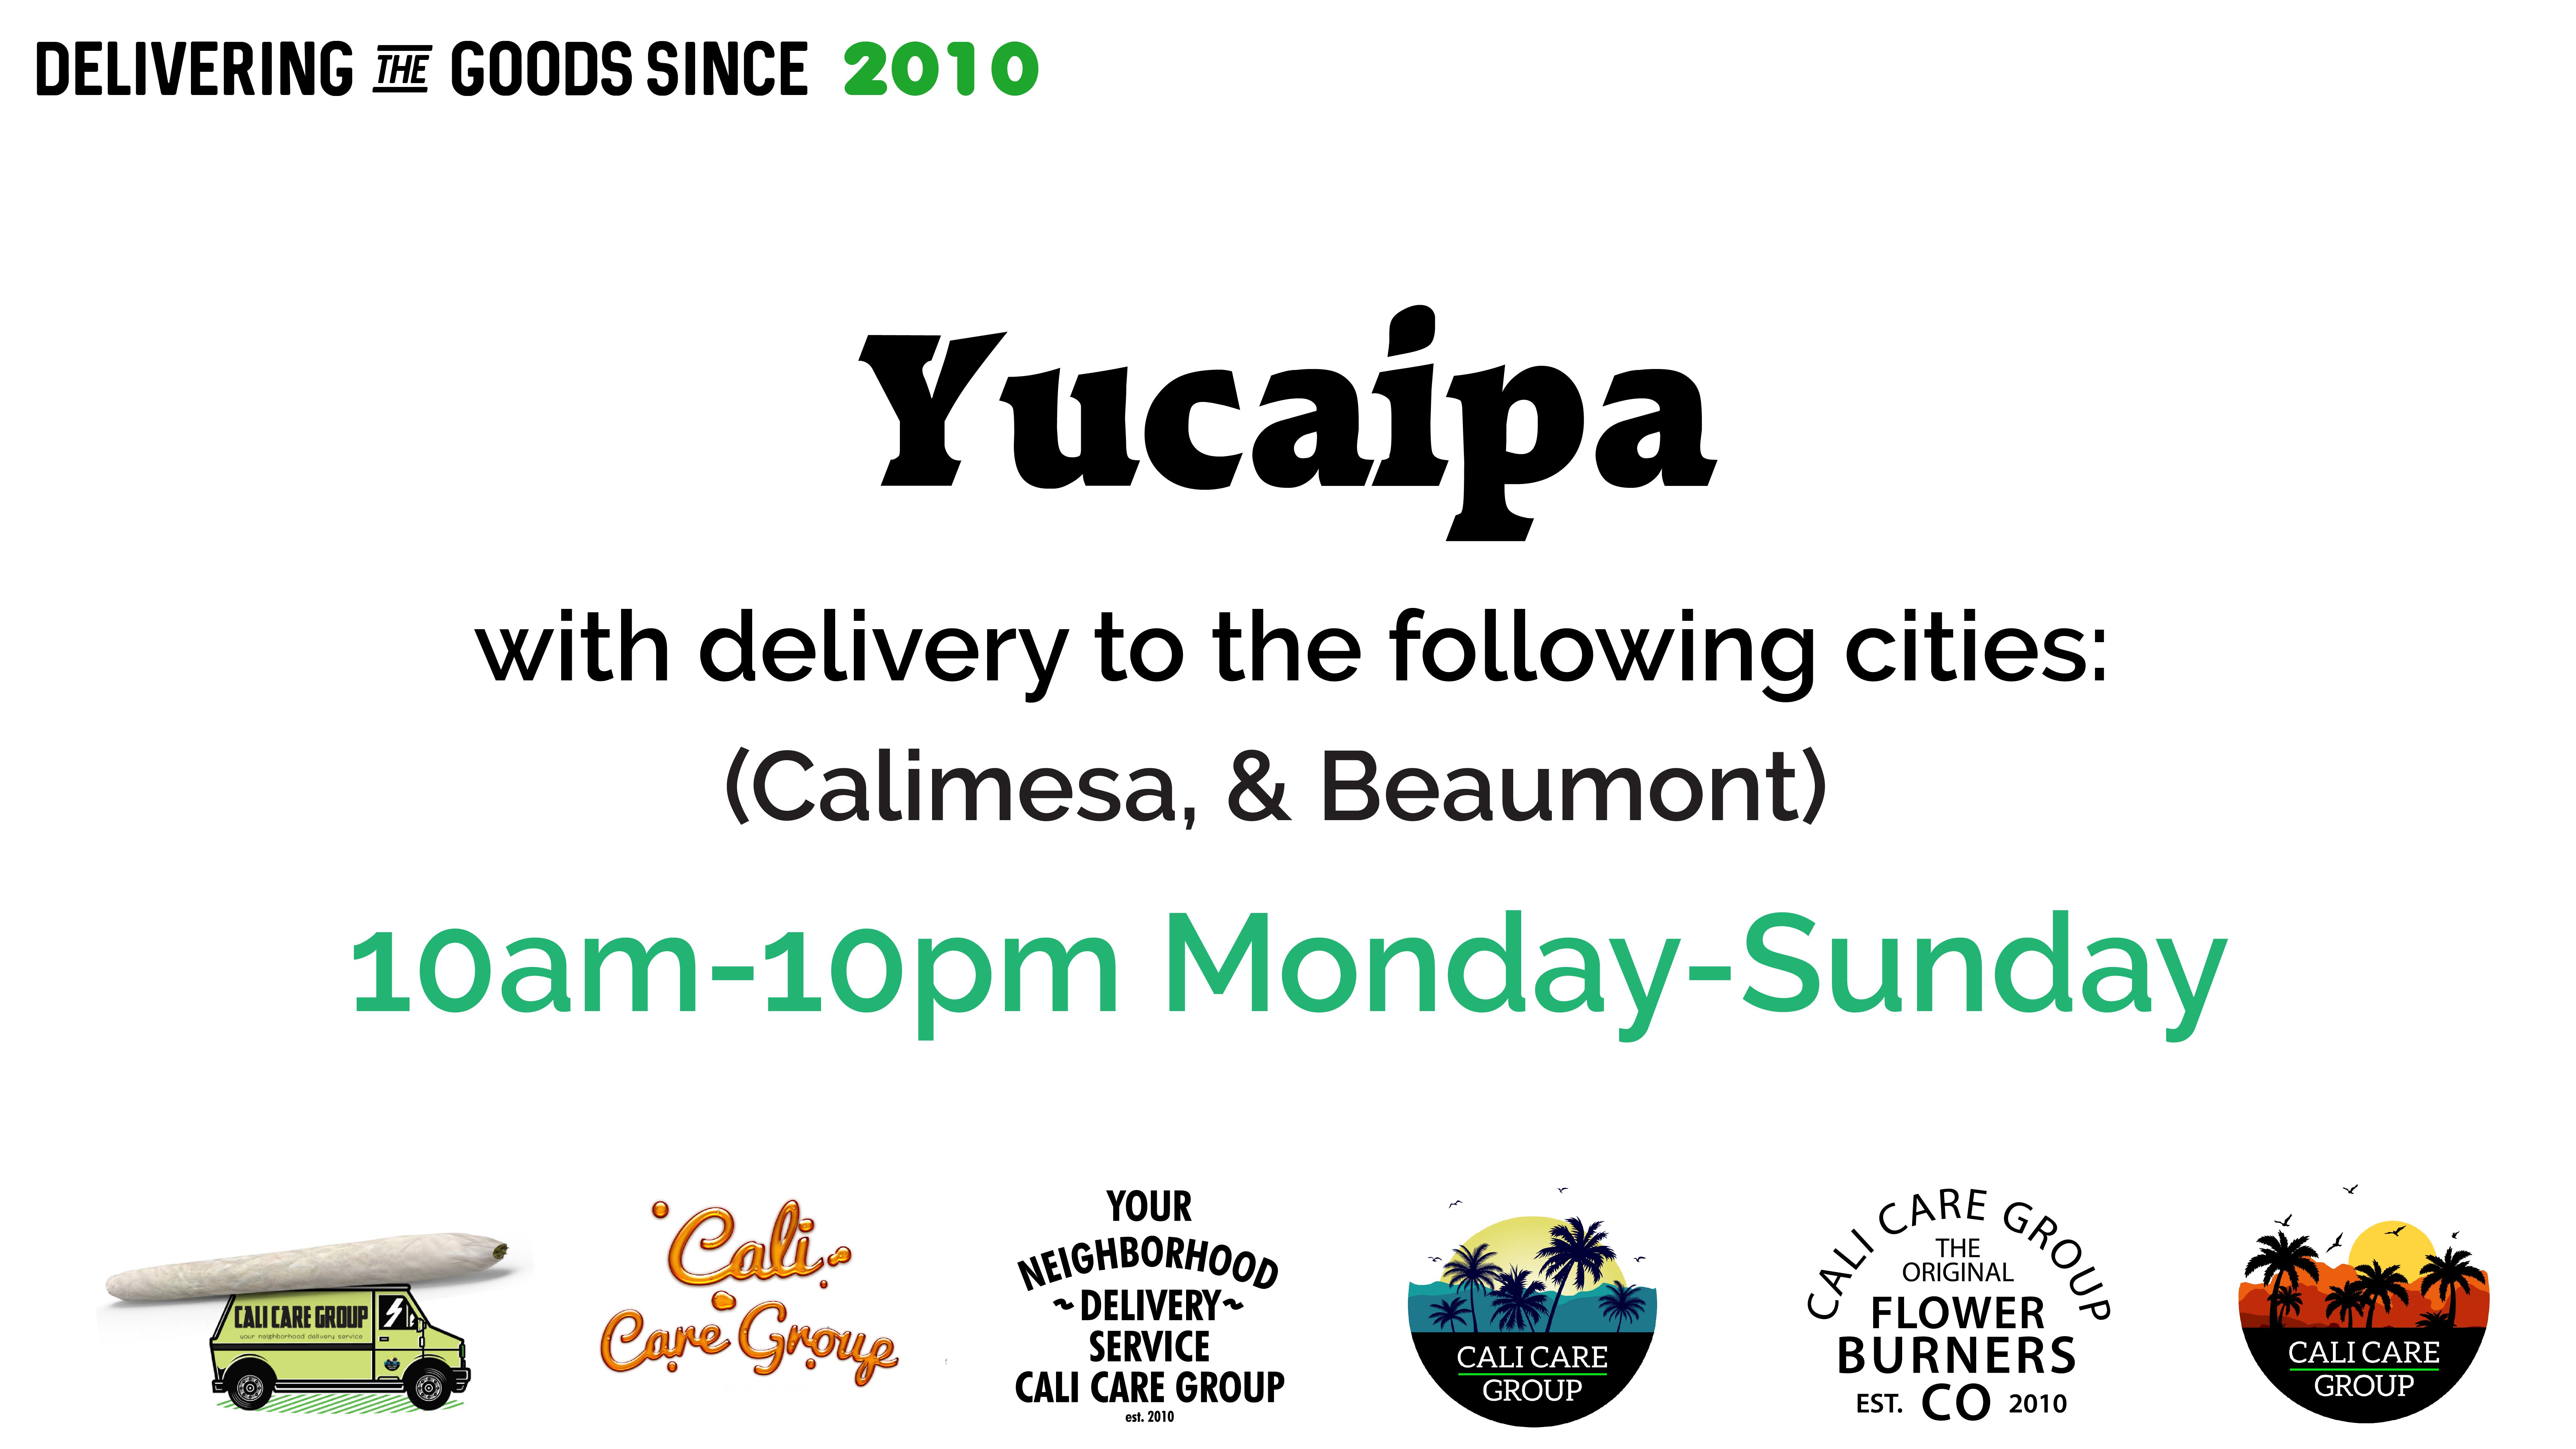 yucaipa-site-info.png